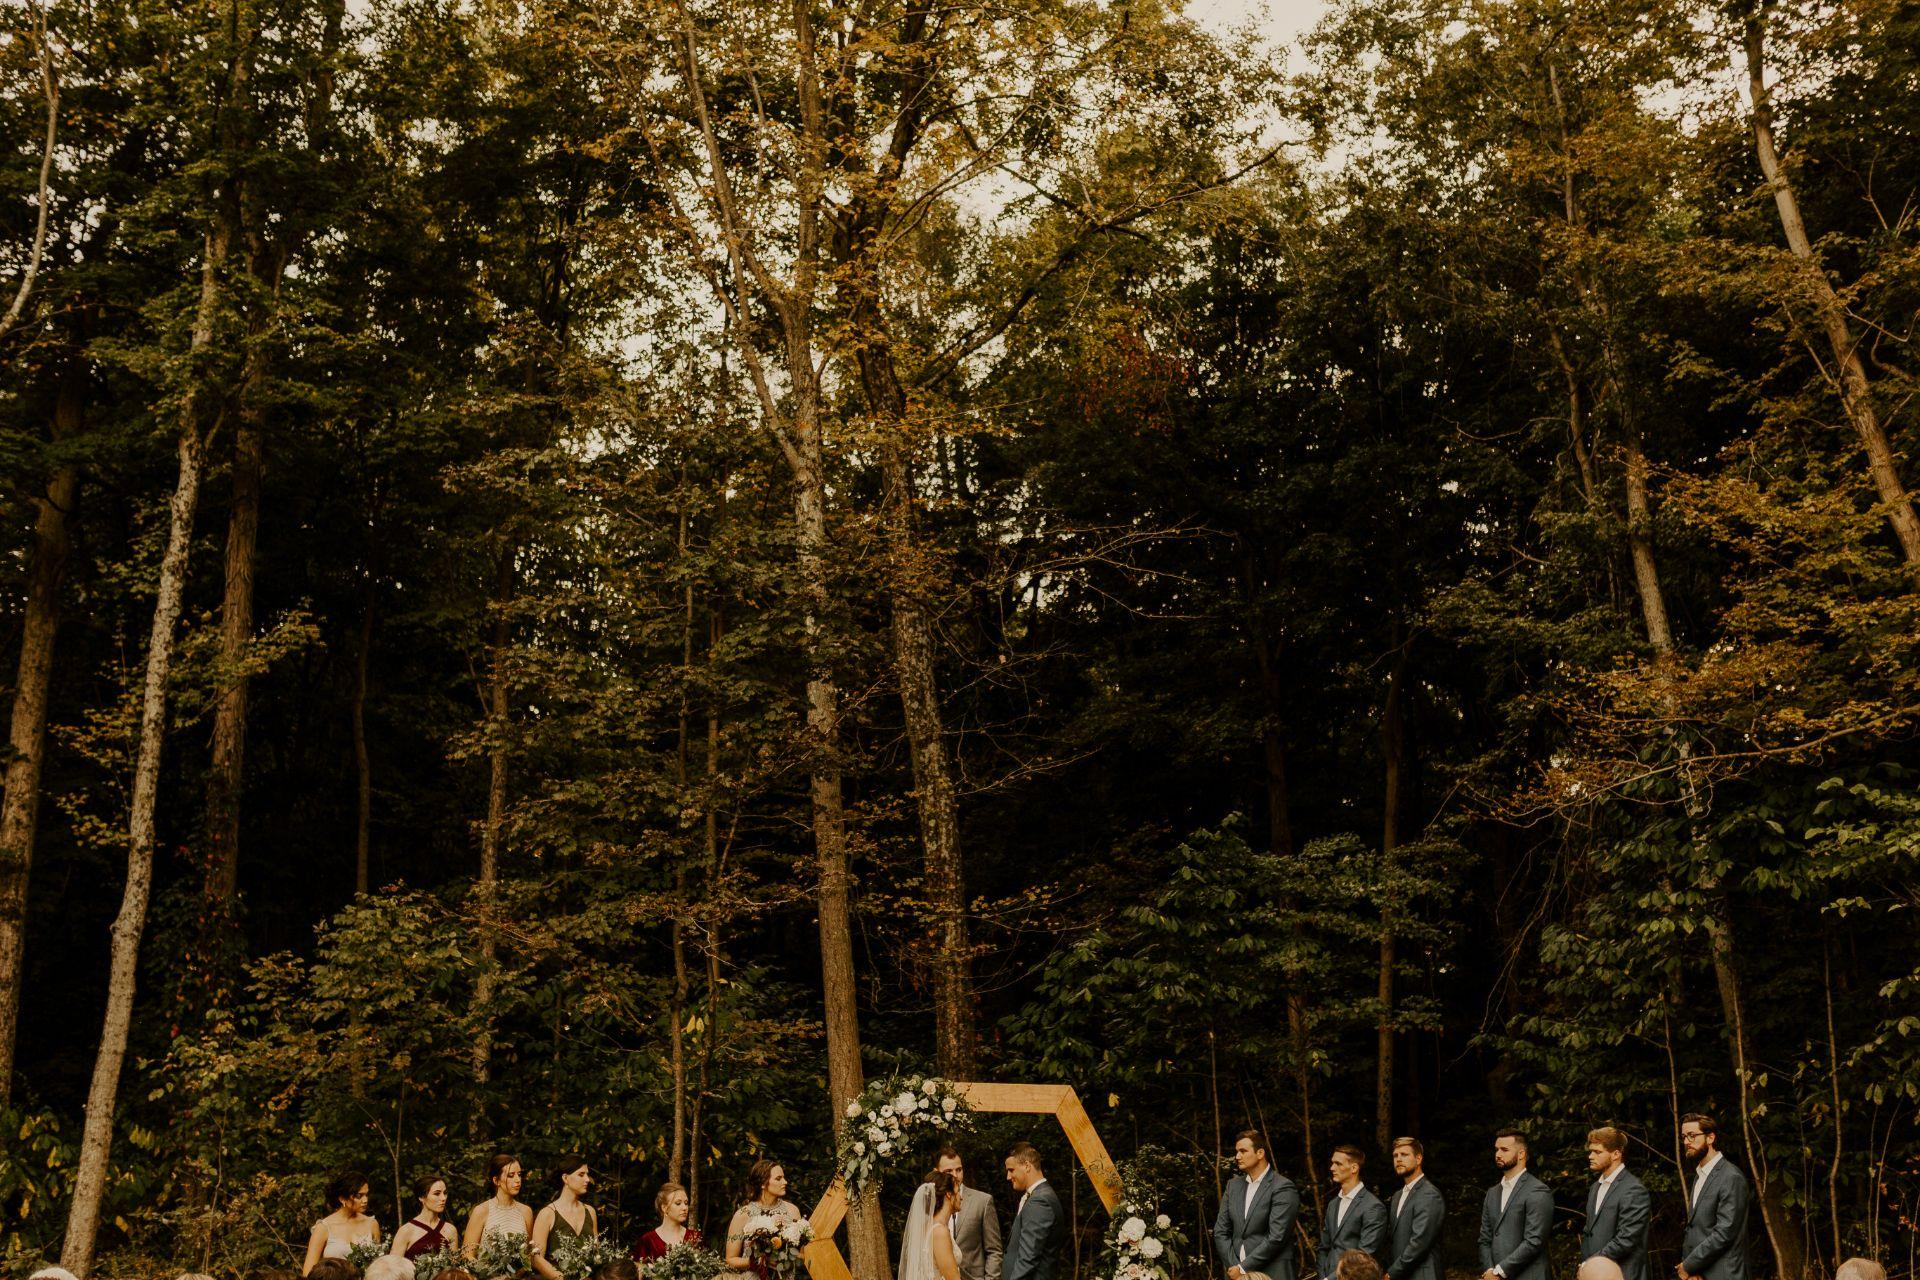 Grace-J-Photo_Columbus-Wedding-Photographer-21-of-49-large